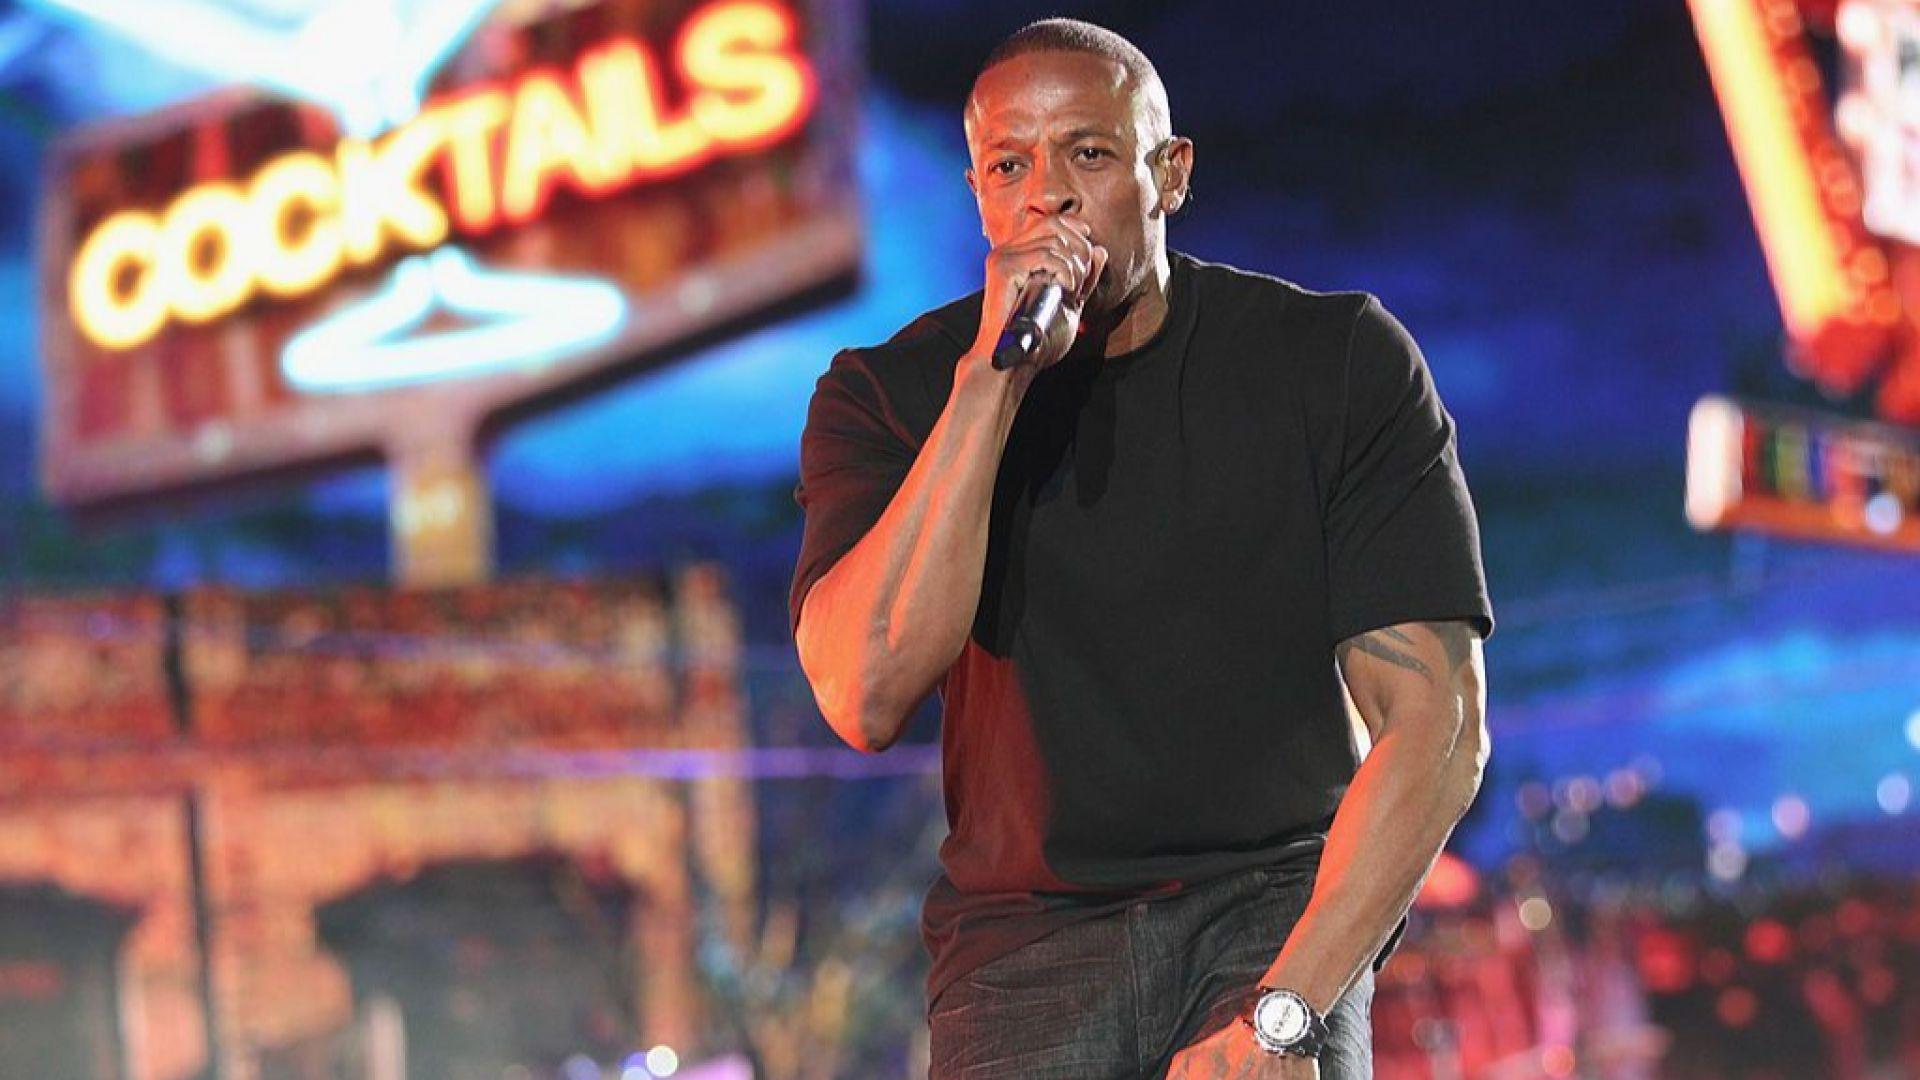 Dr. Dre e добре, след като беше хоспитализиран заради мозъчна аневризма